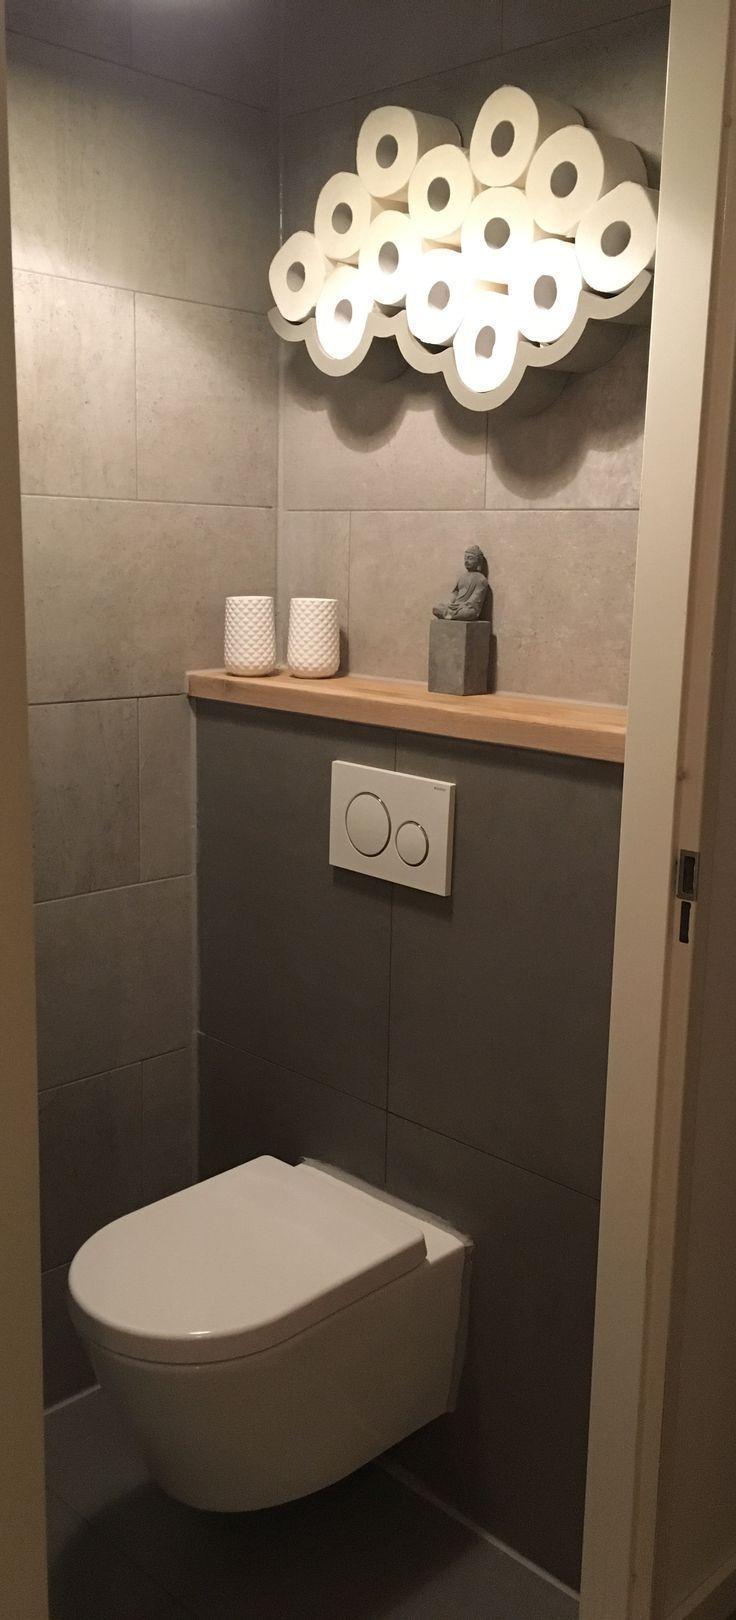 Badezimmer dekor über toilette toilettenpapierbienenstock bienenstock toilettenpapier